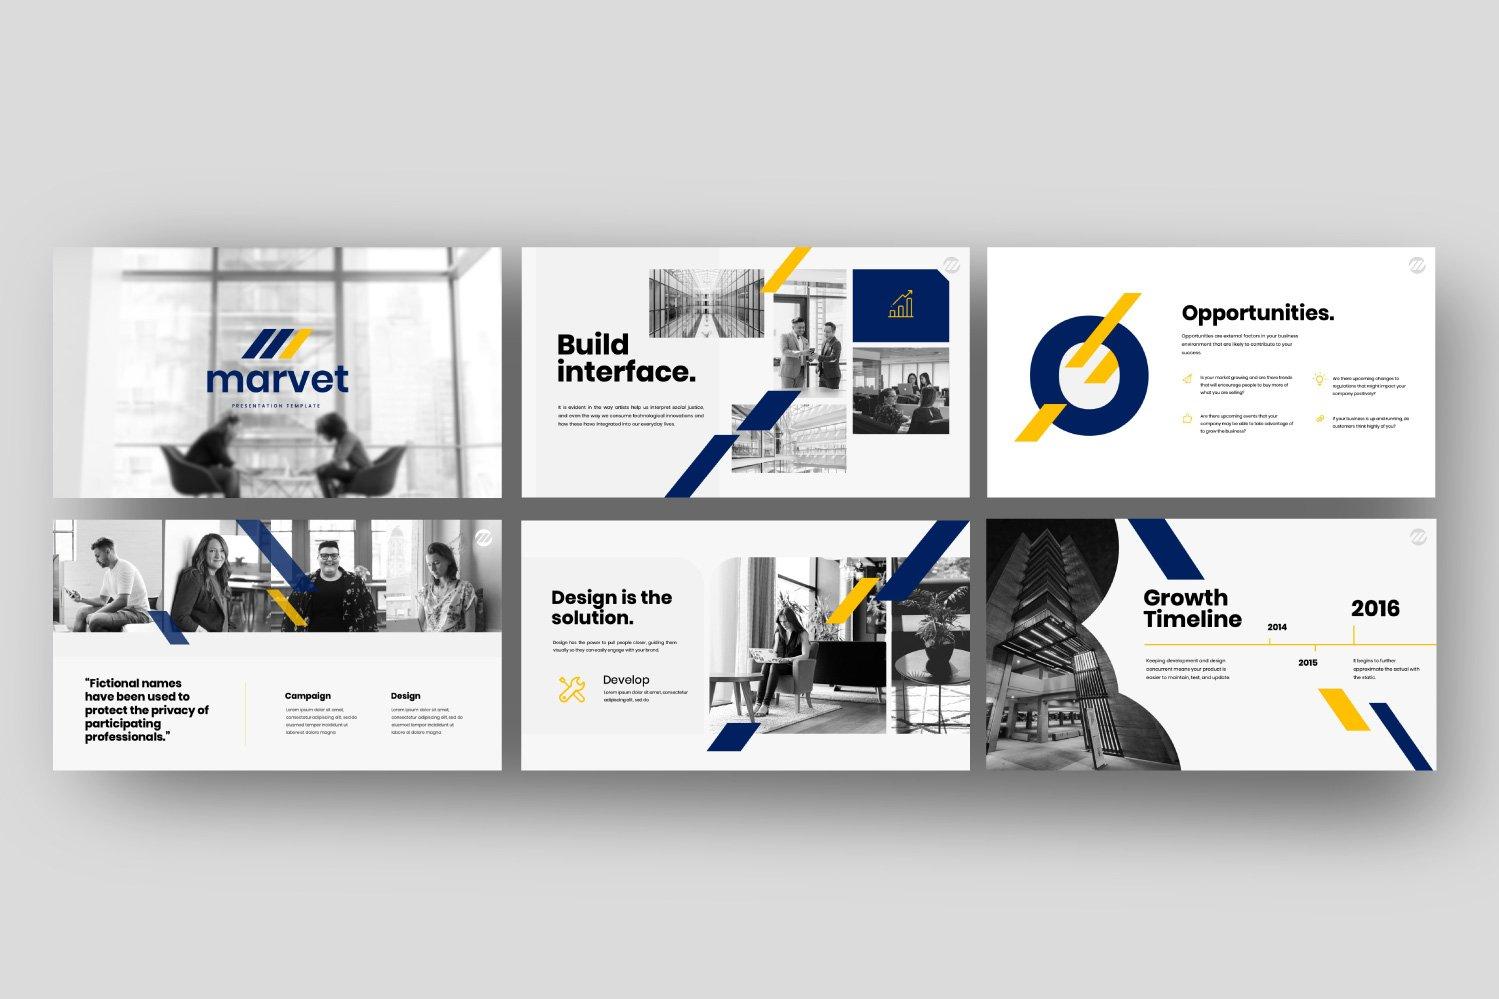 简约商务策划案图文排版演示文稿设计模板 Marvet – Business Powerpoint插图(2)